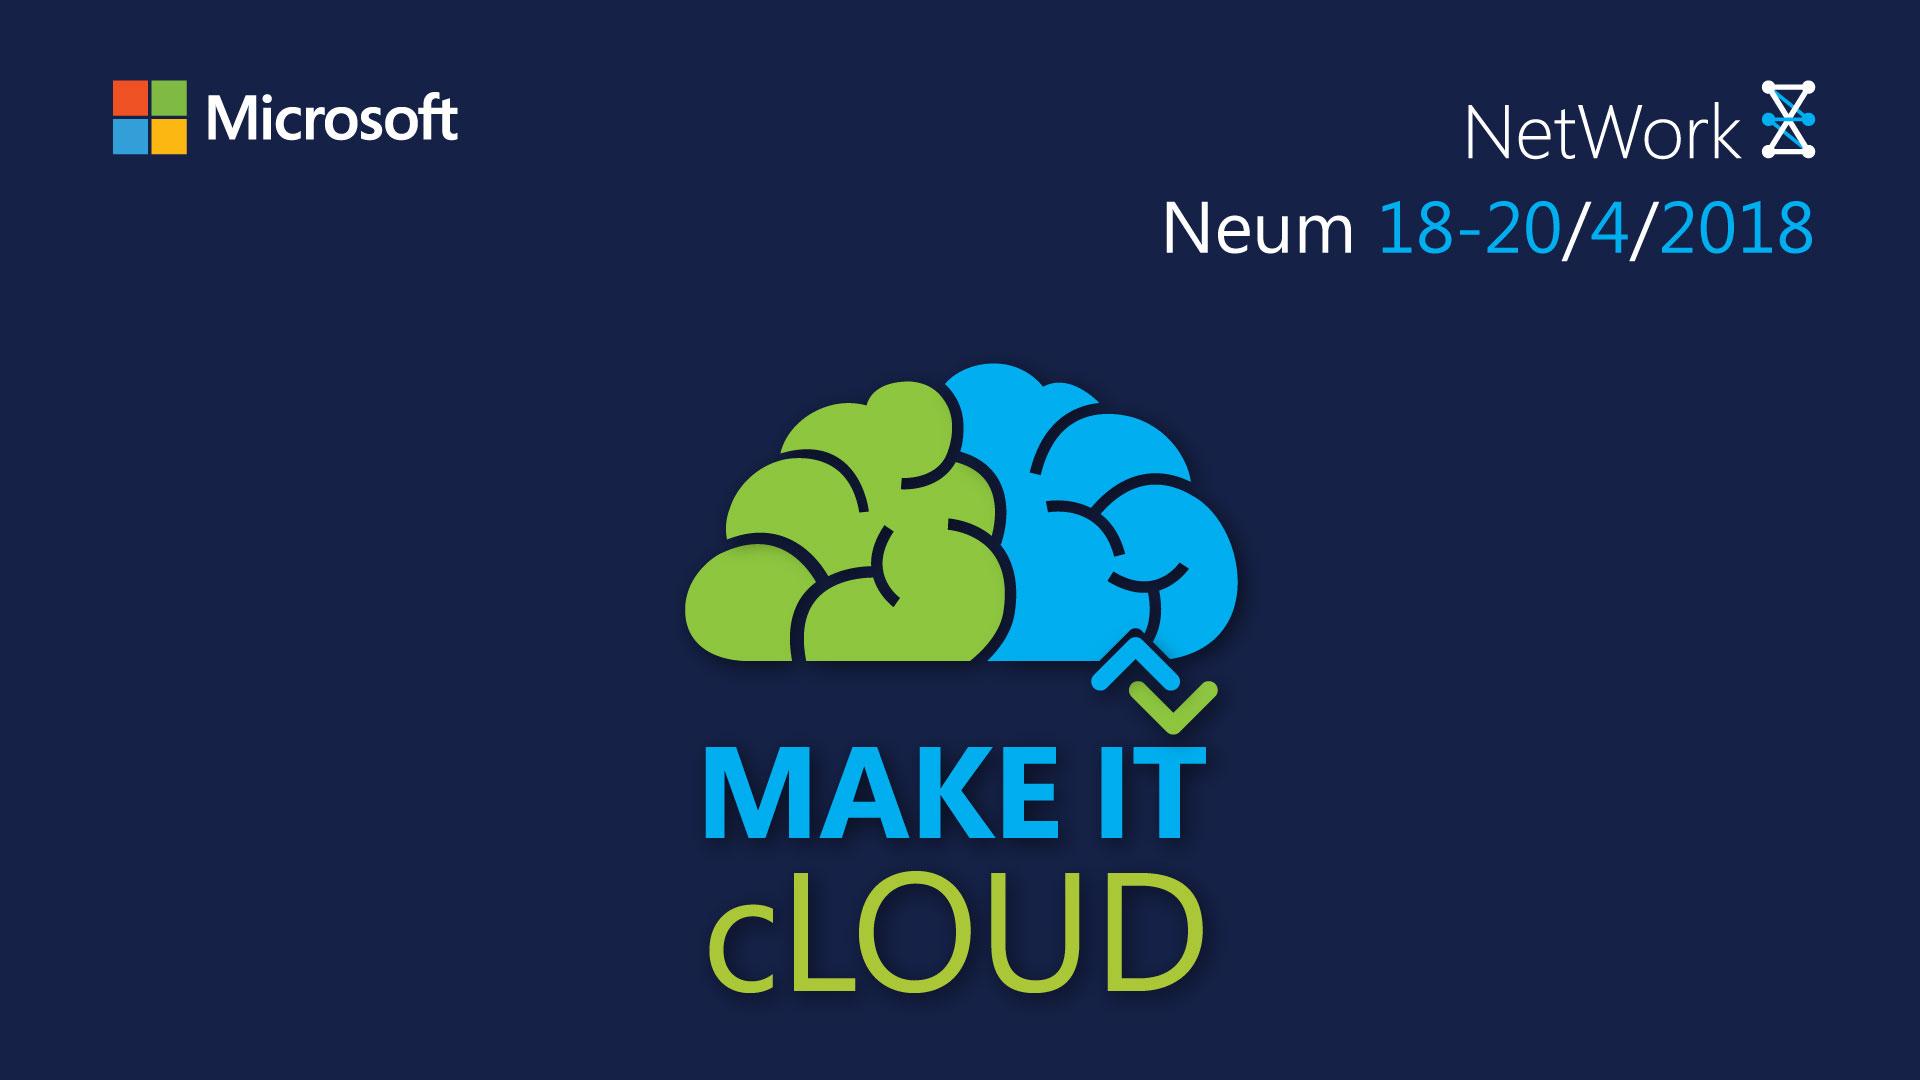 Microsoft Skills centar promoviše najbolje studente na osmoj Microsoft NetWork konferenciji